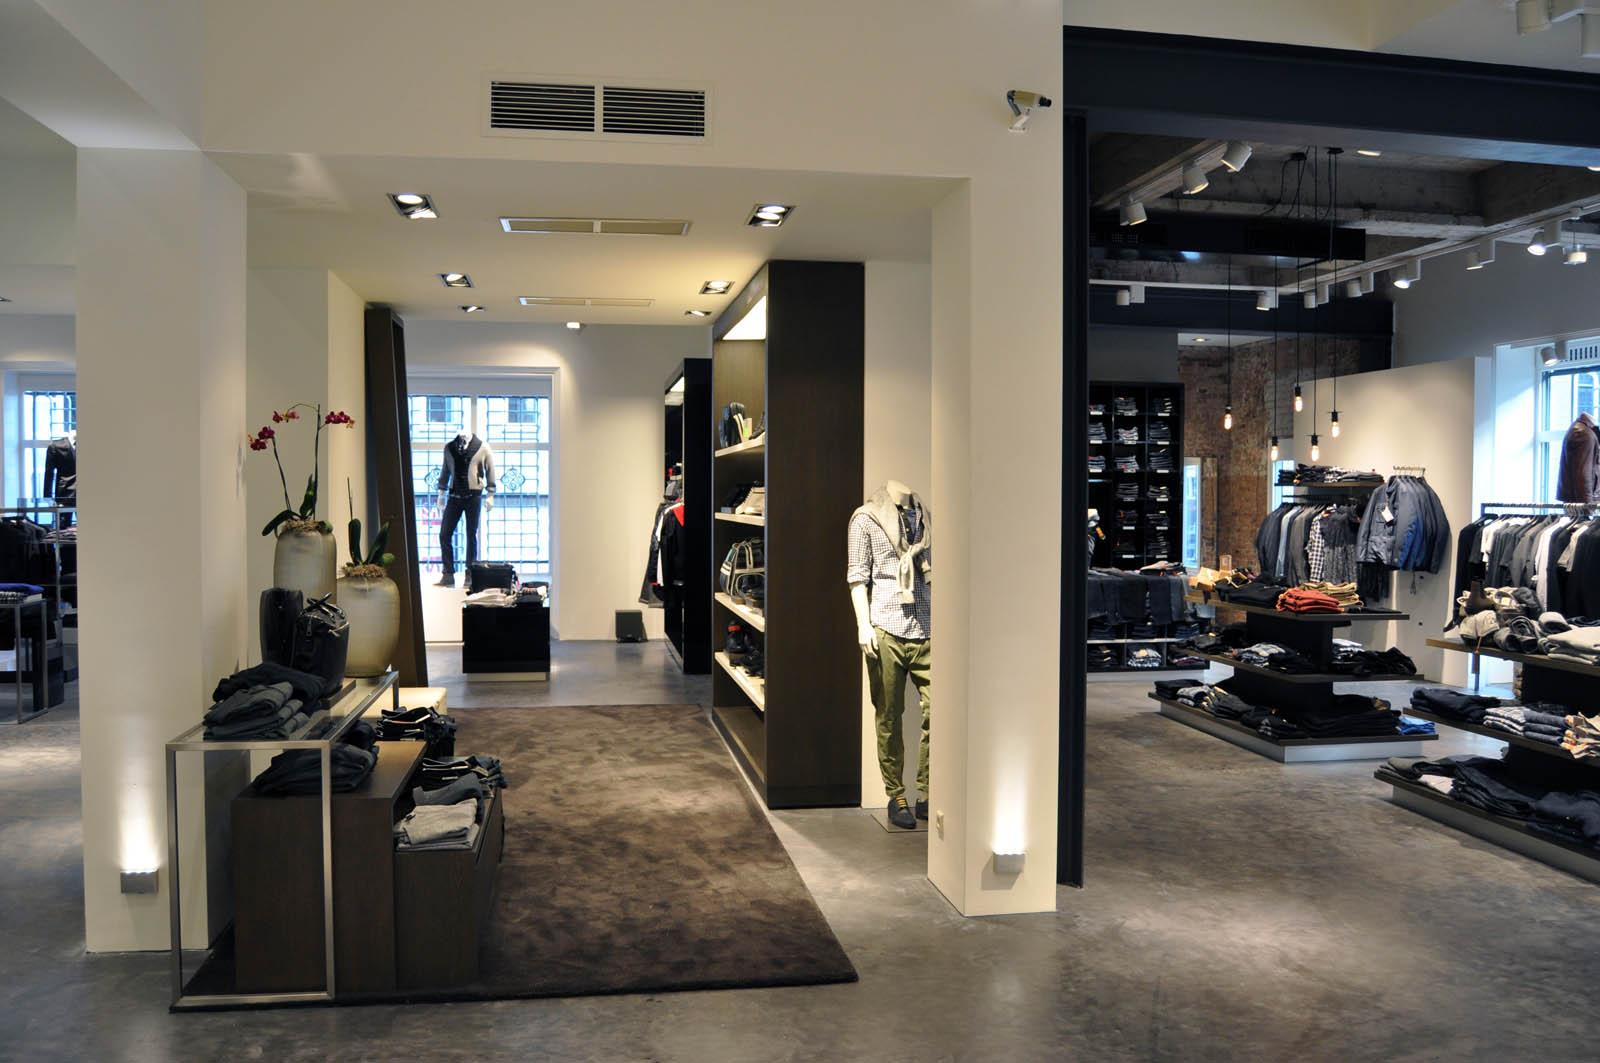 Store, Hugo Boss in Alkmaar, by Jeroen de Nijs